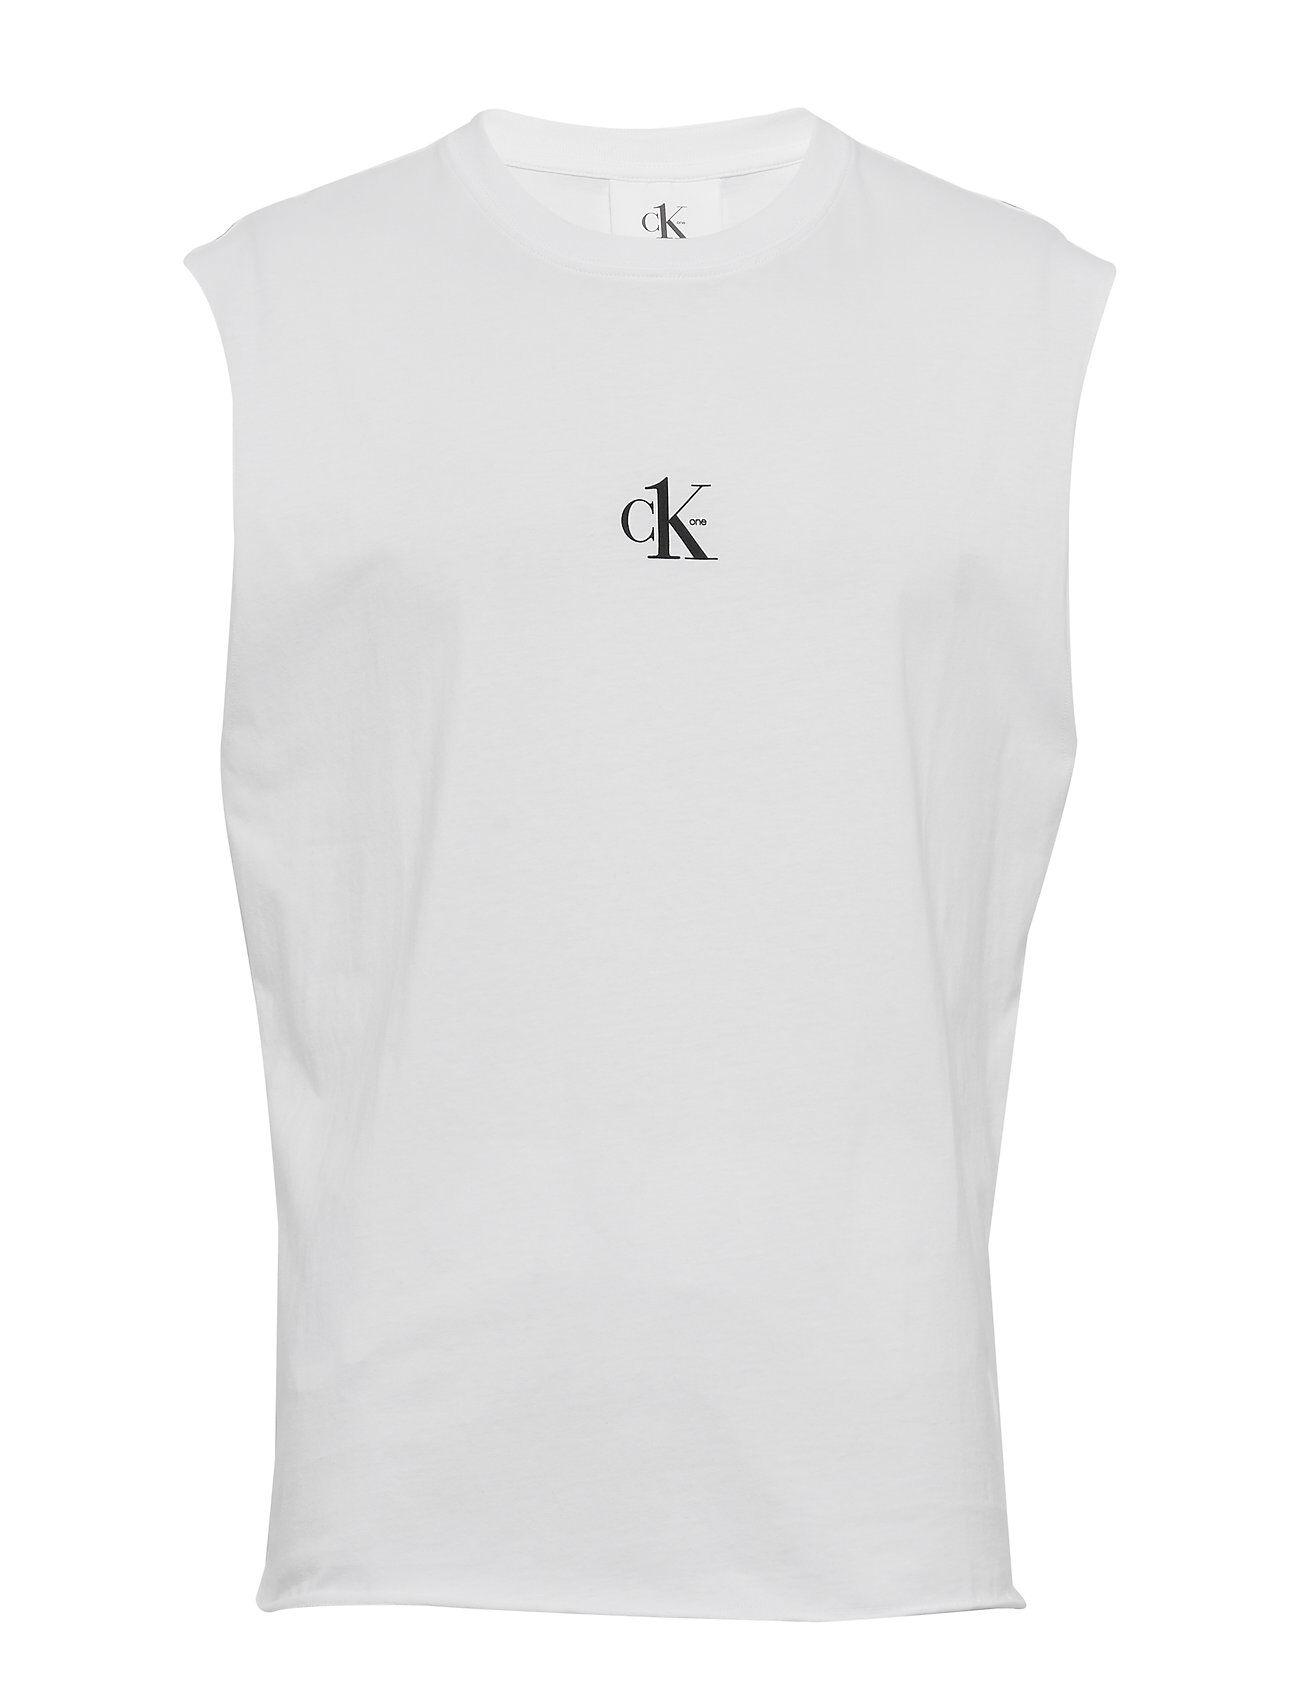 Image of Calvin Small Logo Regular Sls Tee T-shirts Sleeveless Valkoinen Calvin Klein Jeans